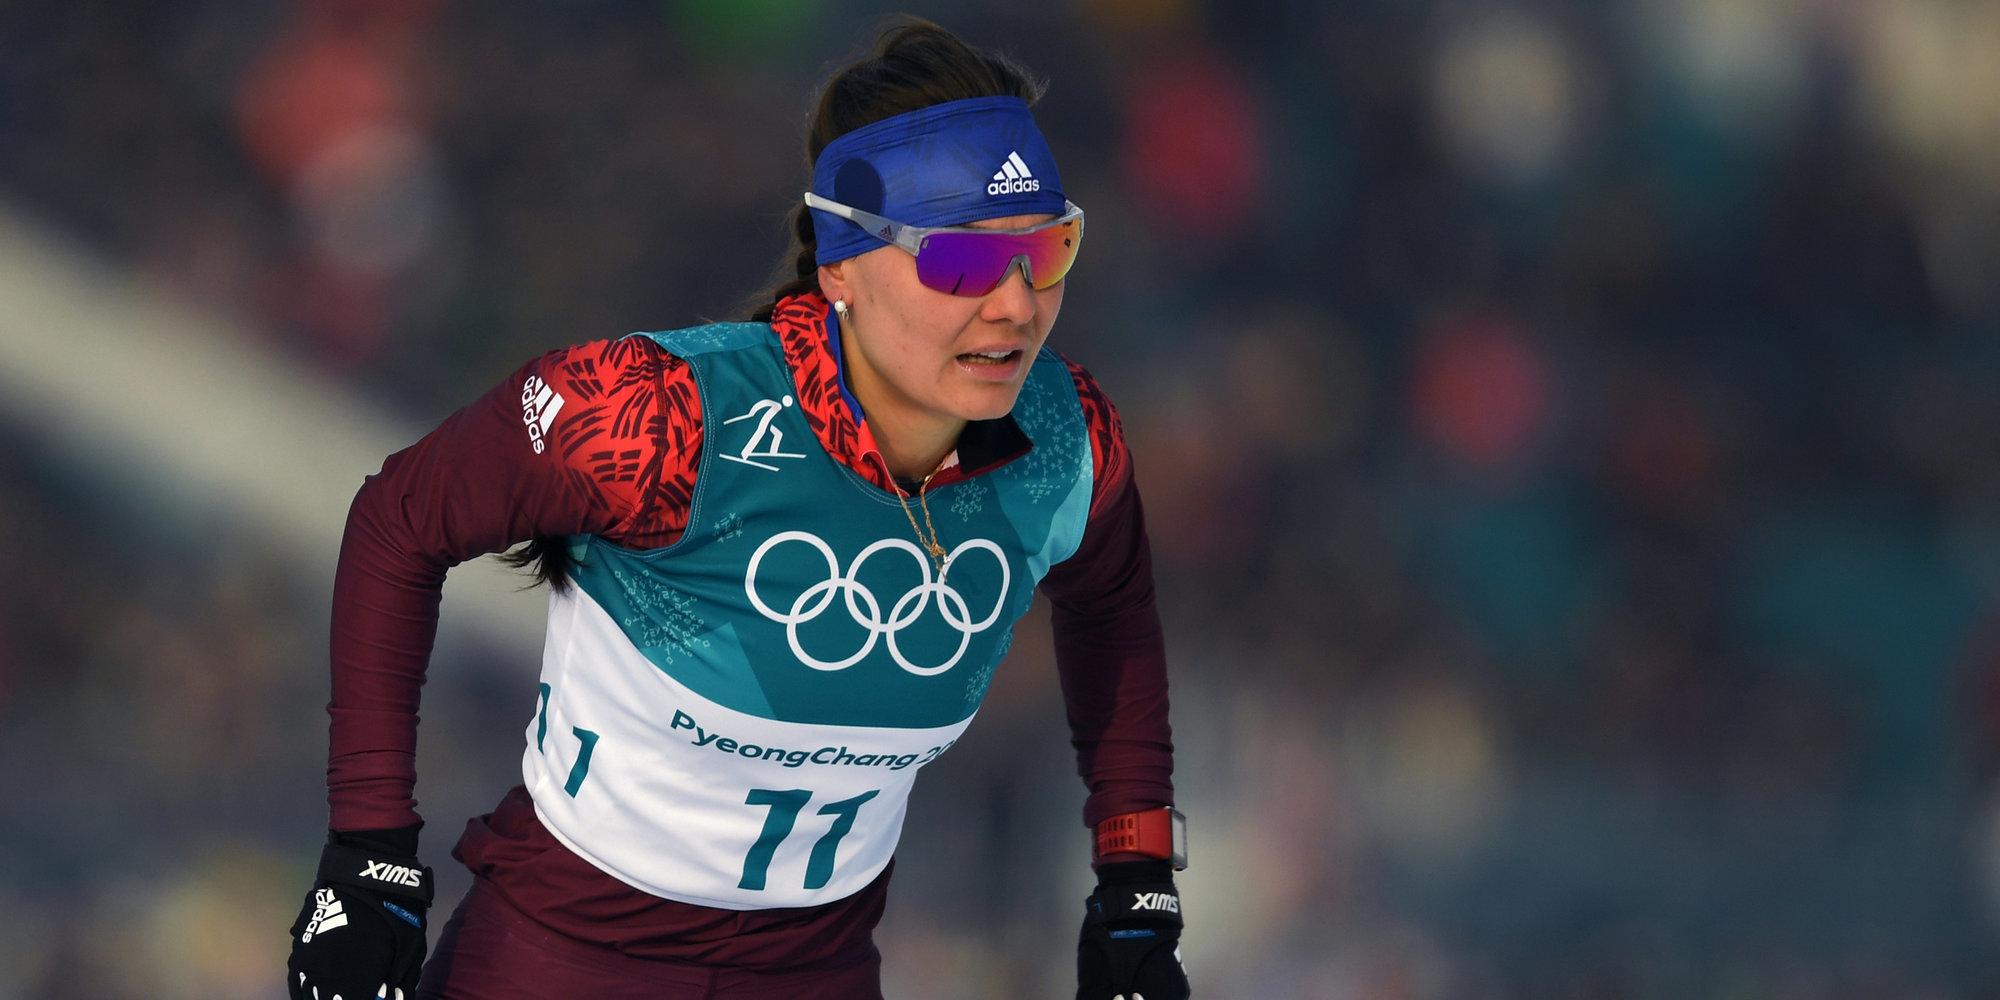 Влыжной гонке— сразу 4 медалистки иулучшен латвийский рекорд далекого 1994-ого года